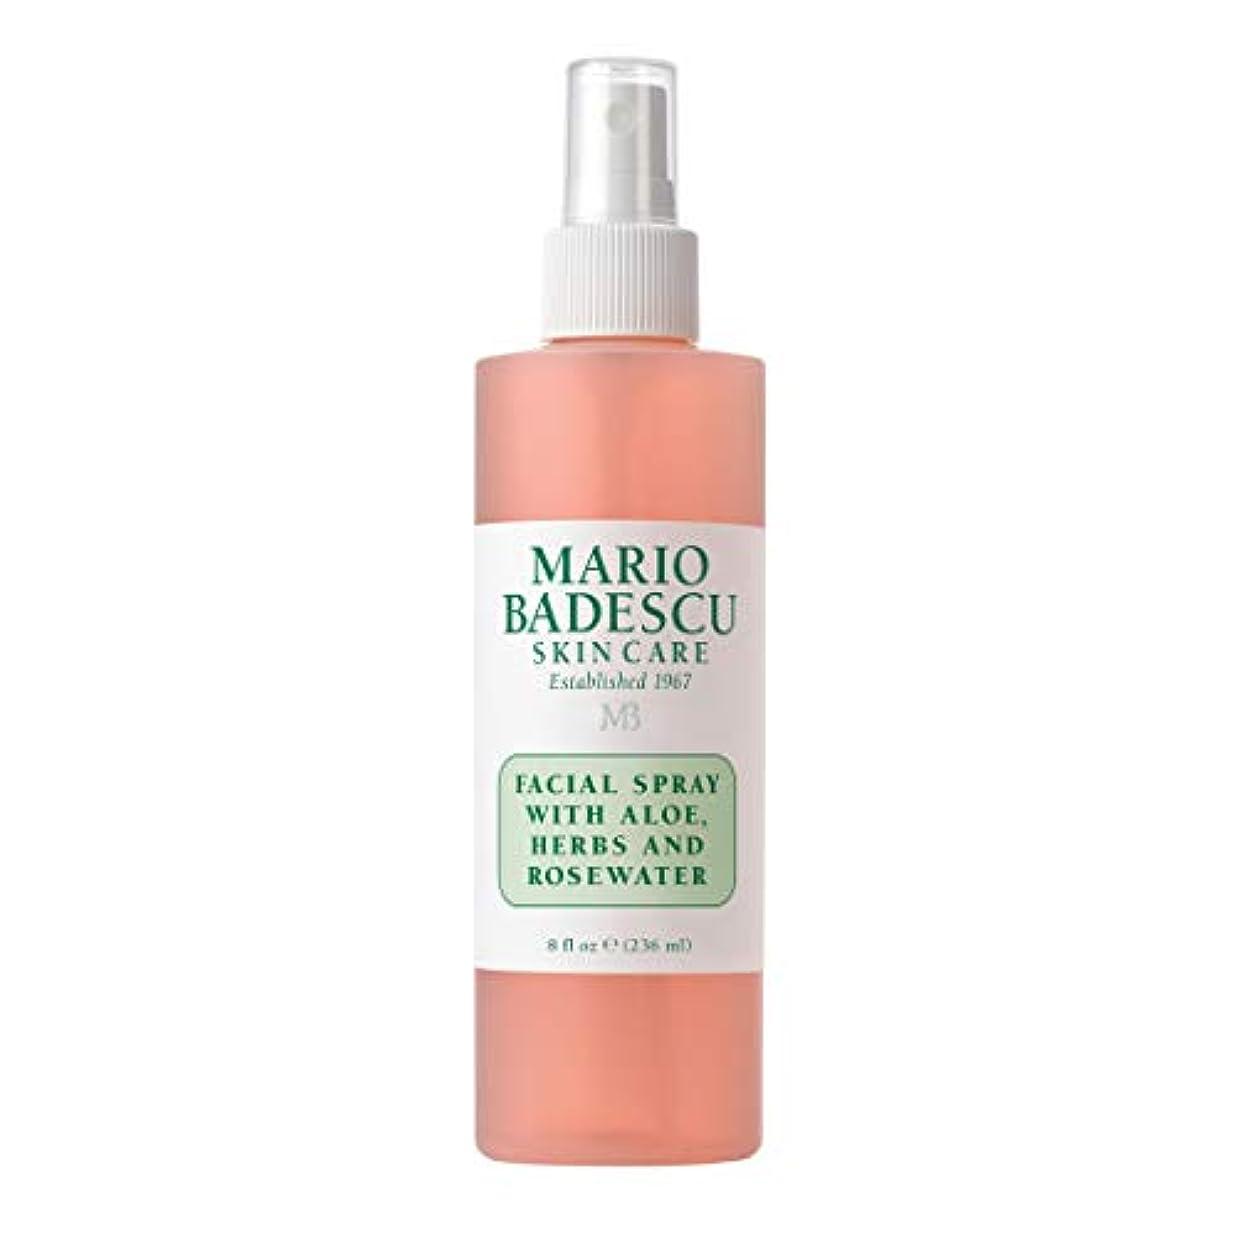 ベッツィトロットウッド旅ベッドを作るマリオ バデスク Facial Spray with Aloe, Herbs & Rosewater - For All Skin Types 236ml/8oz並行輸入品